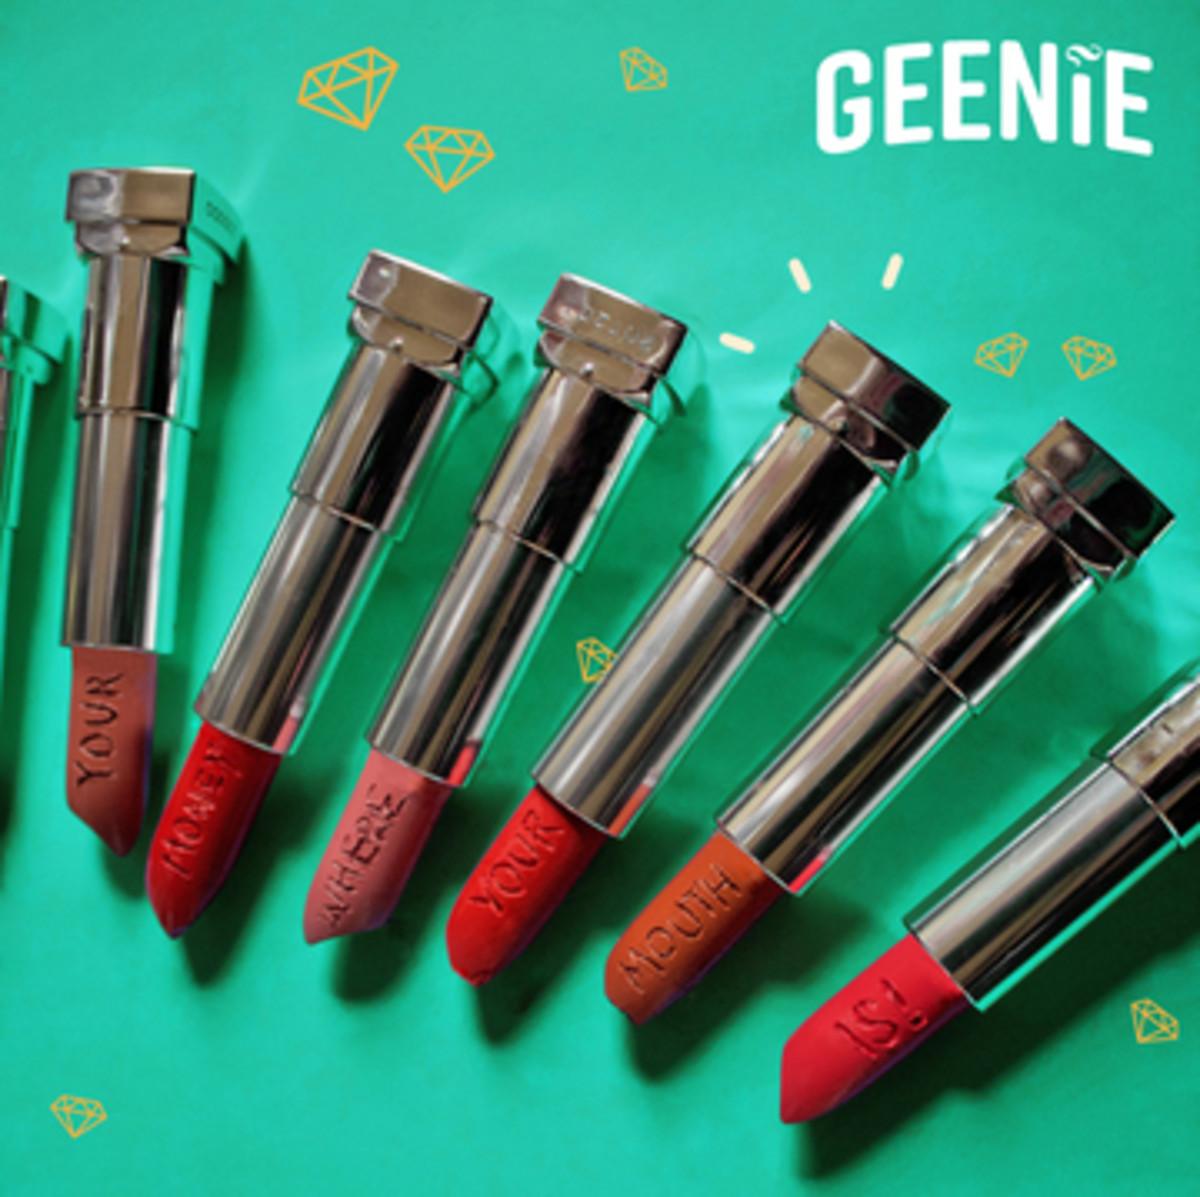 GEENIE_promo image